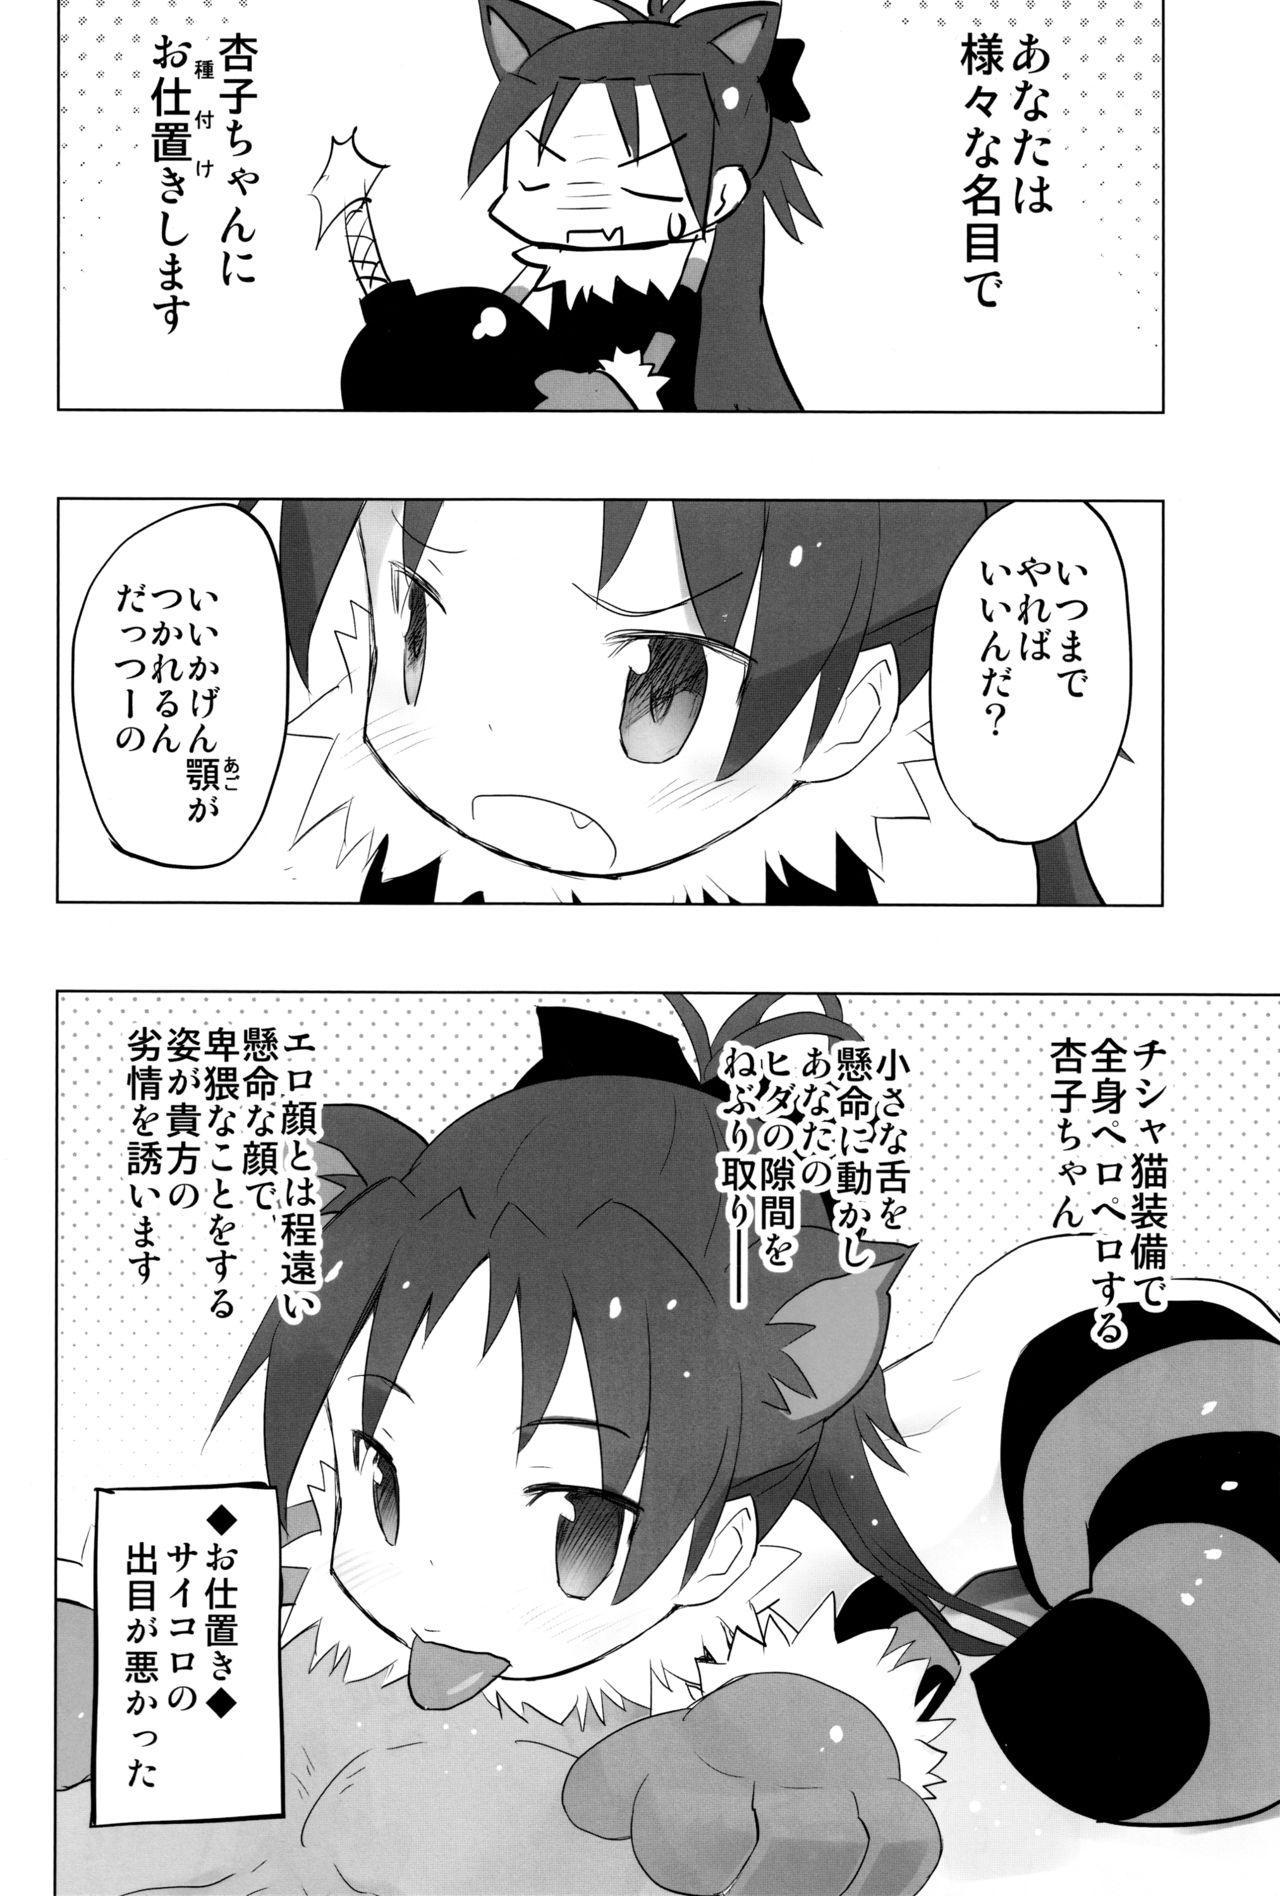 MadoOn no Sekai dato Ossan wa Mahou Shoujo de Sunao na Kyouko-chan o Tsuremawashite Zaiakukan Bokki 14